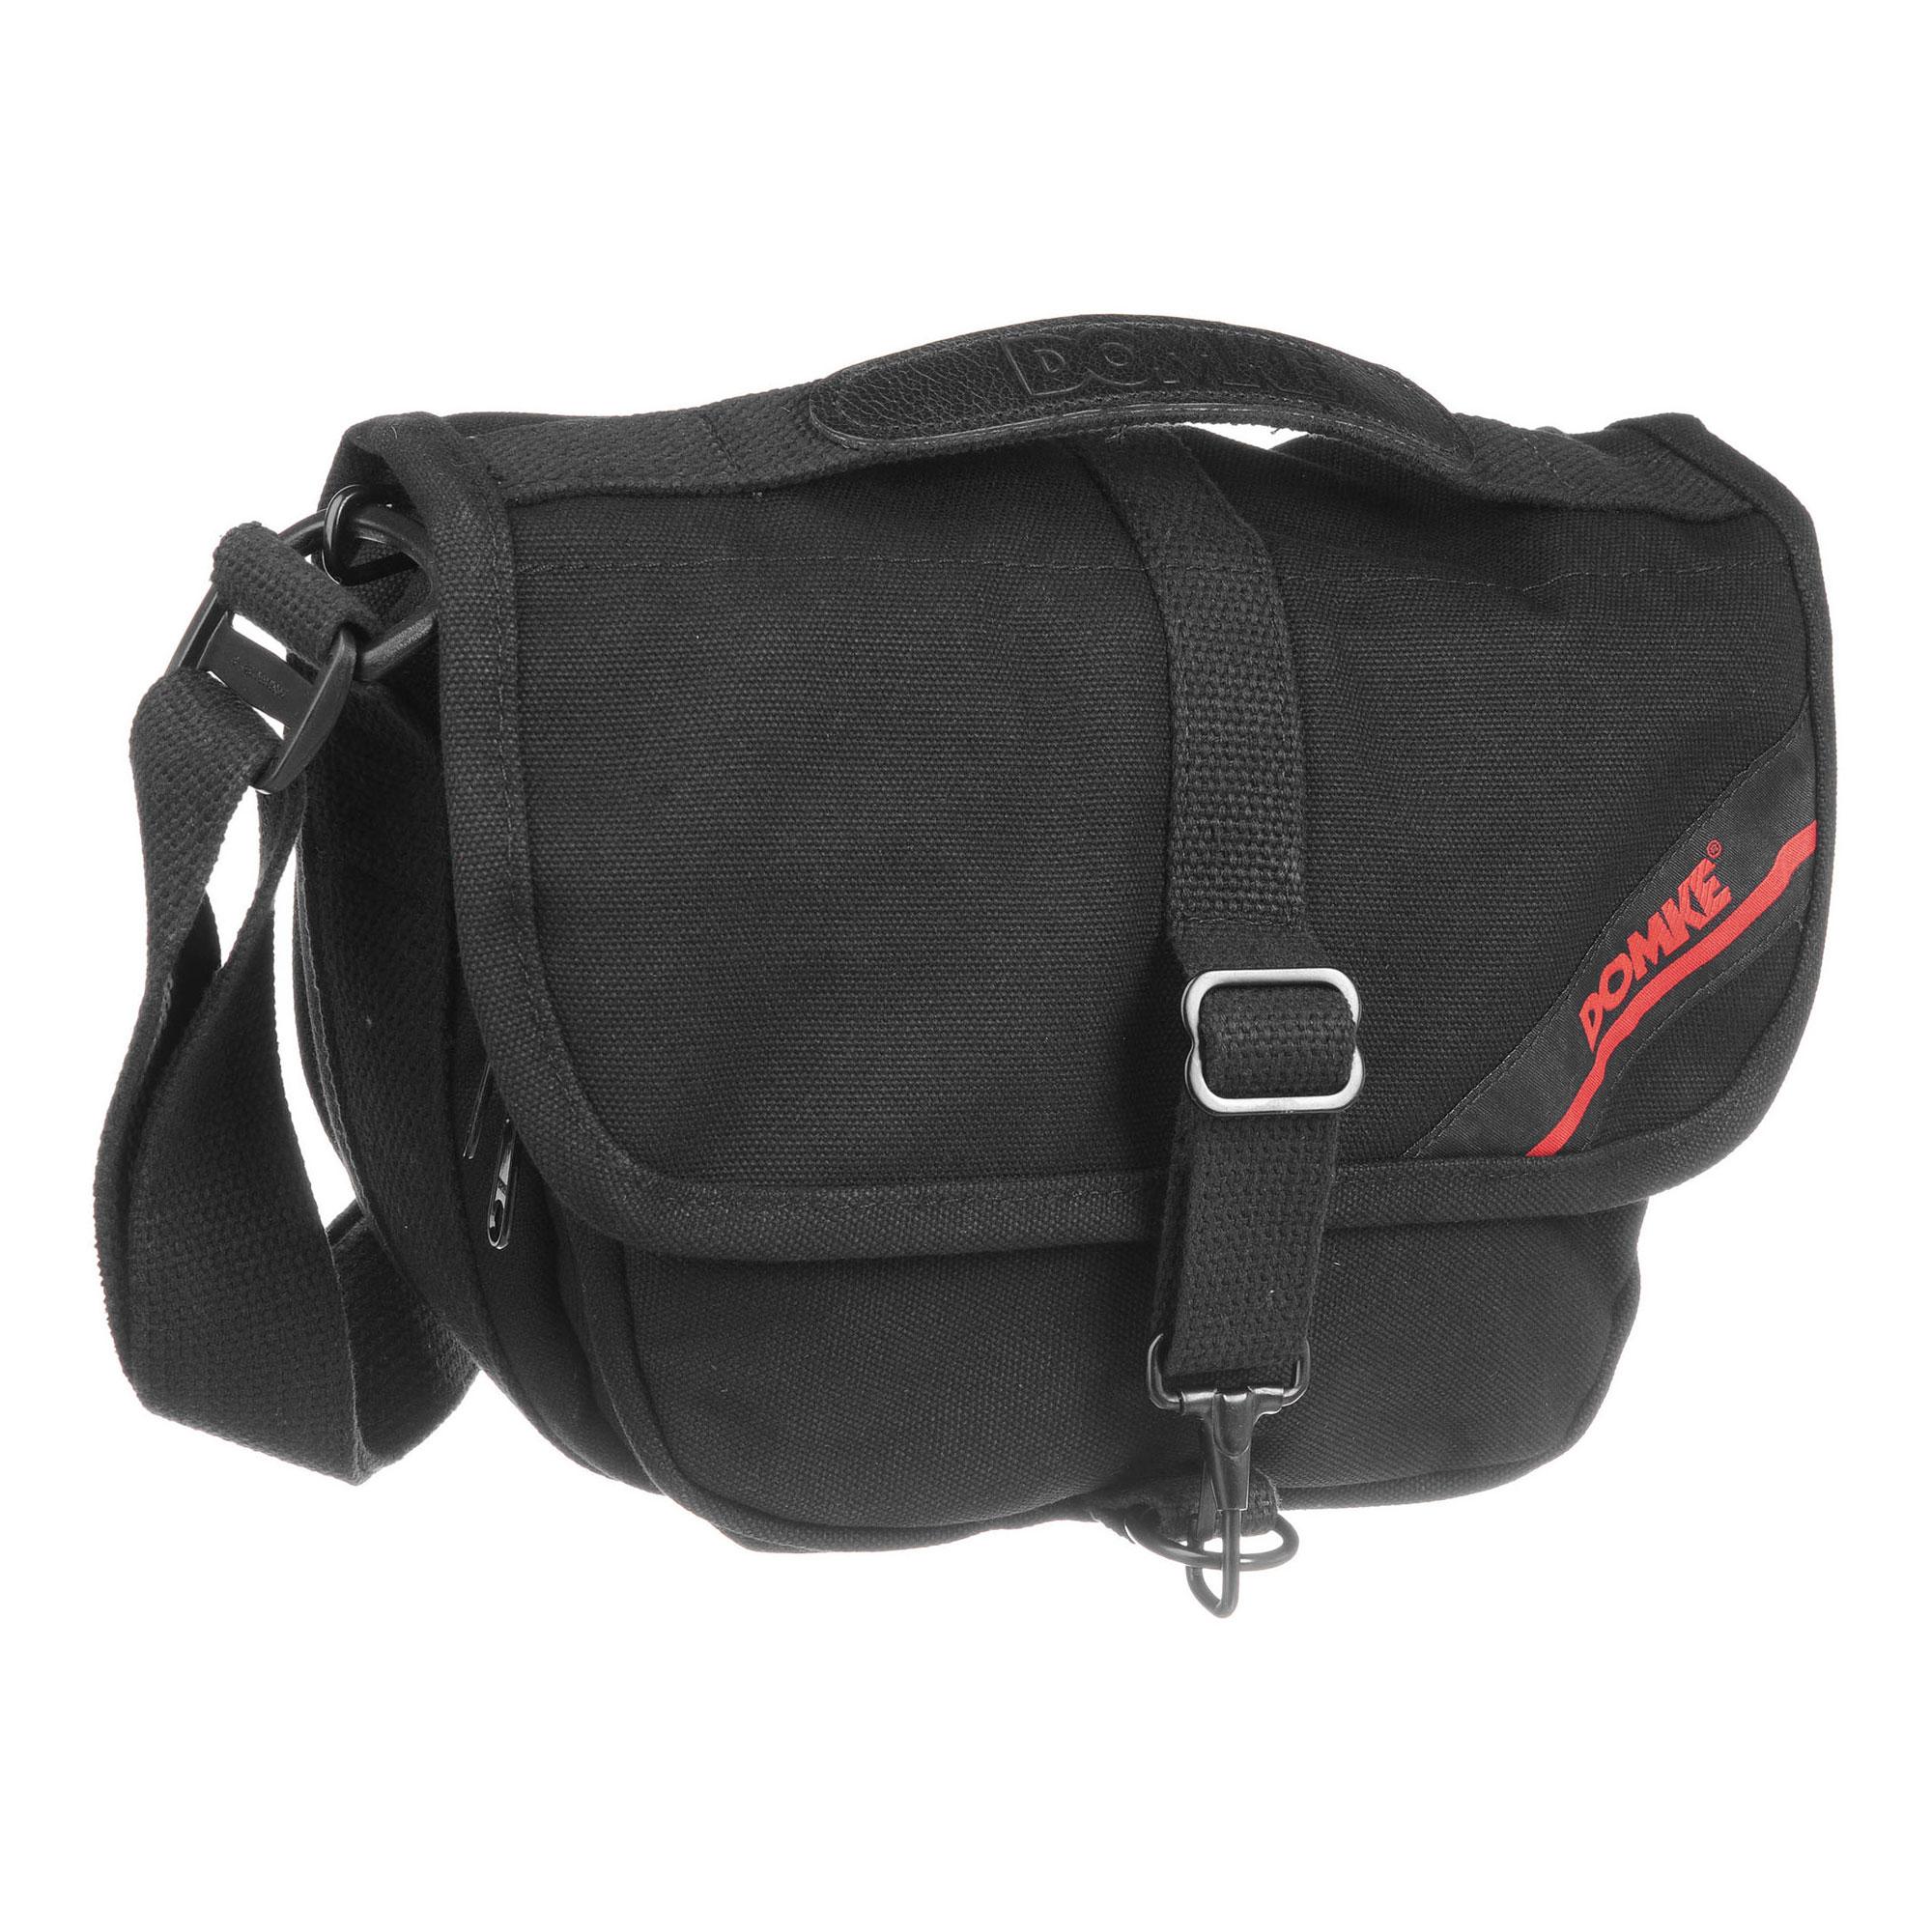 Image of Domke F-10 JD Medium Shoulder Bag (Black)